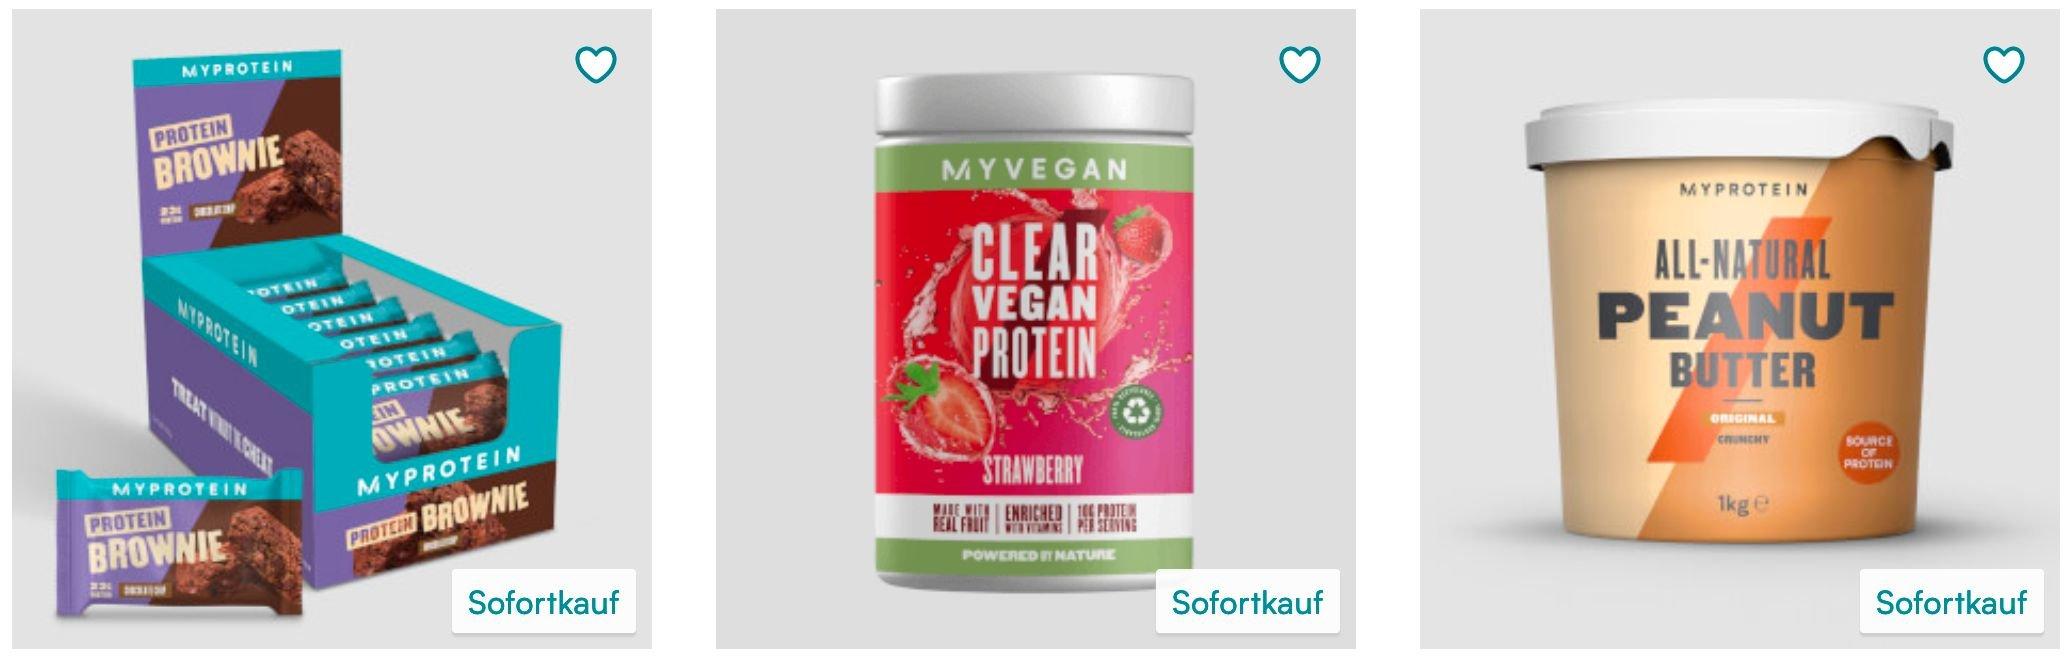 myprotein-02